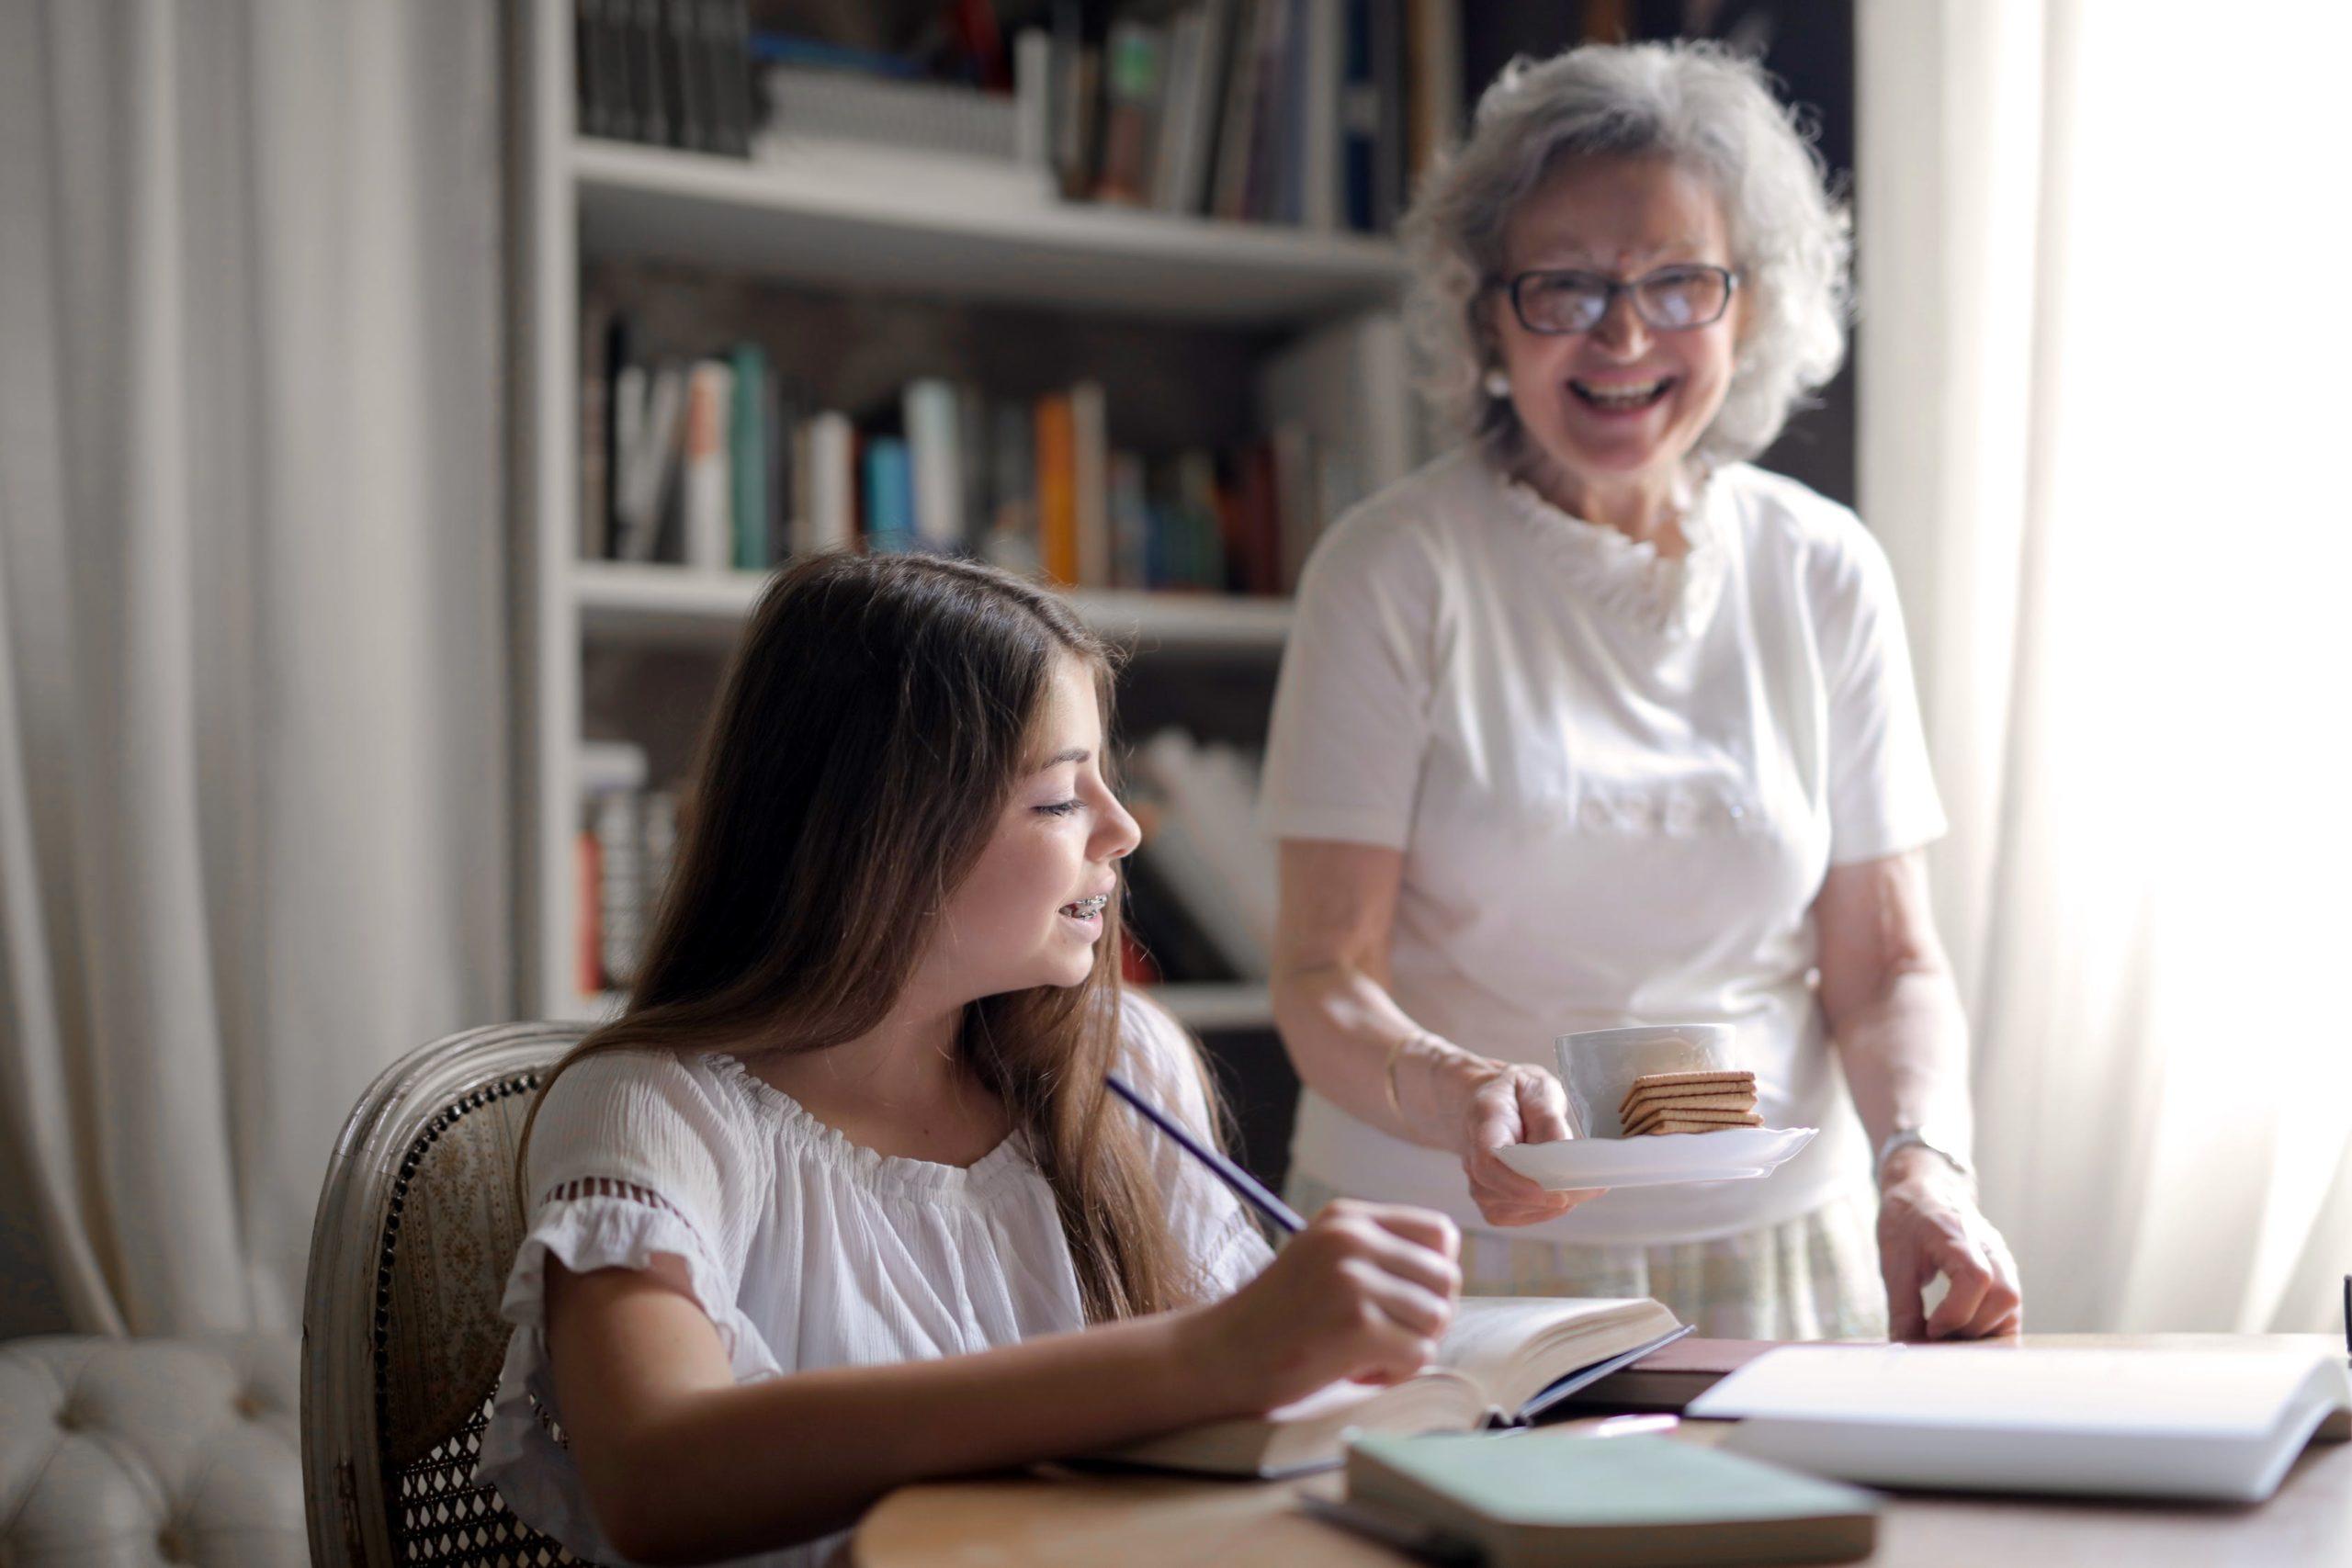 Accompagnement physique - Les activités récréatives pour éviter la solitude